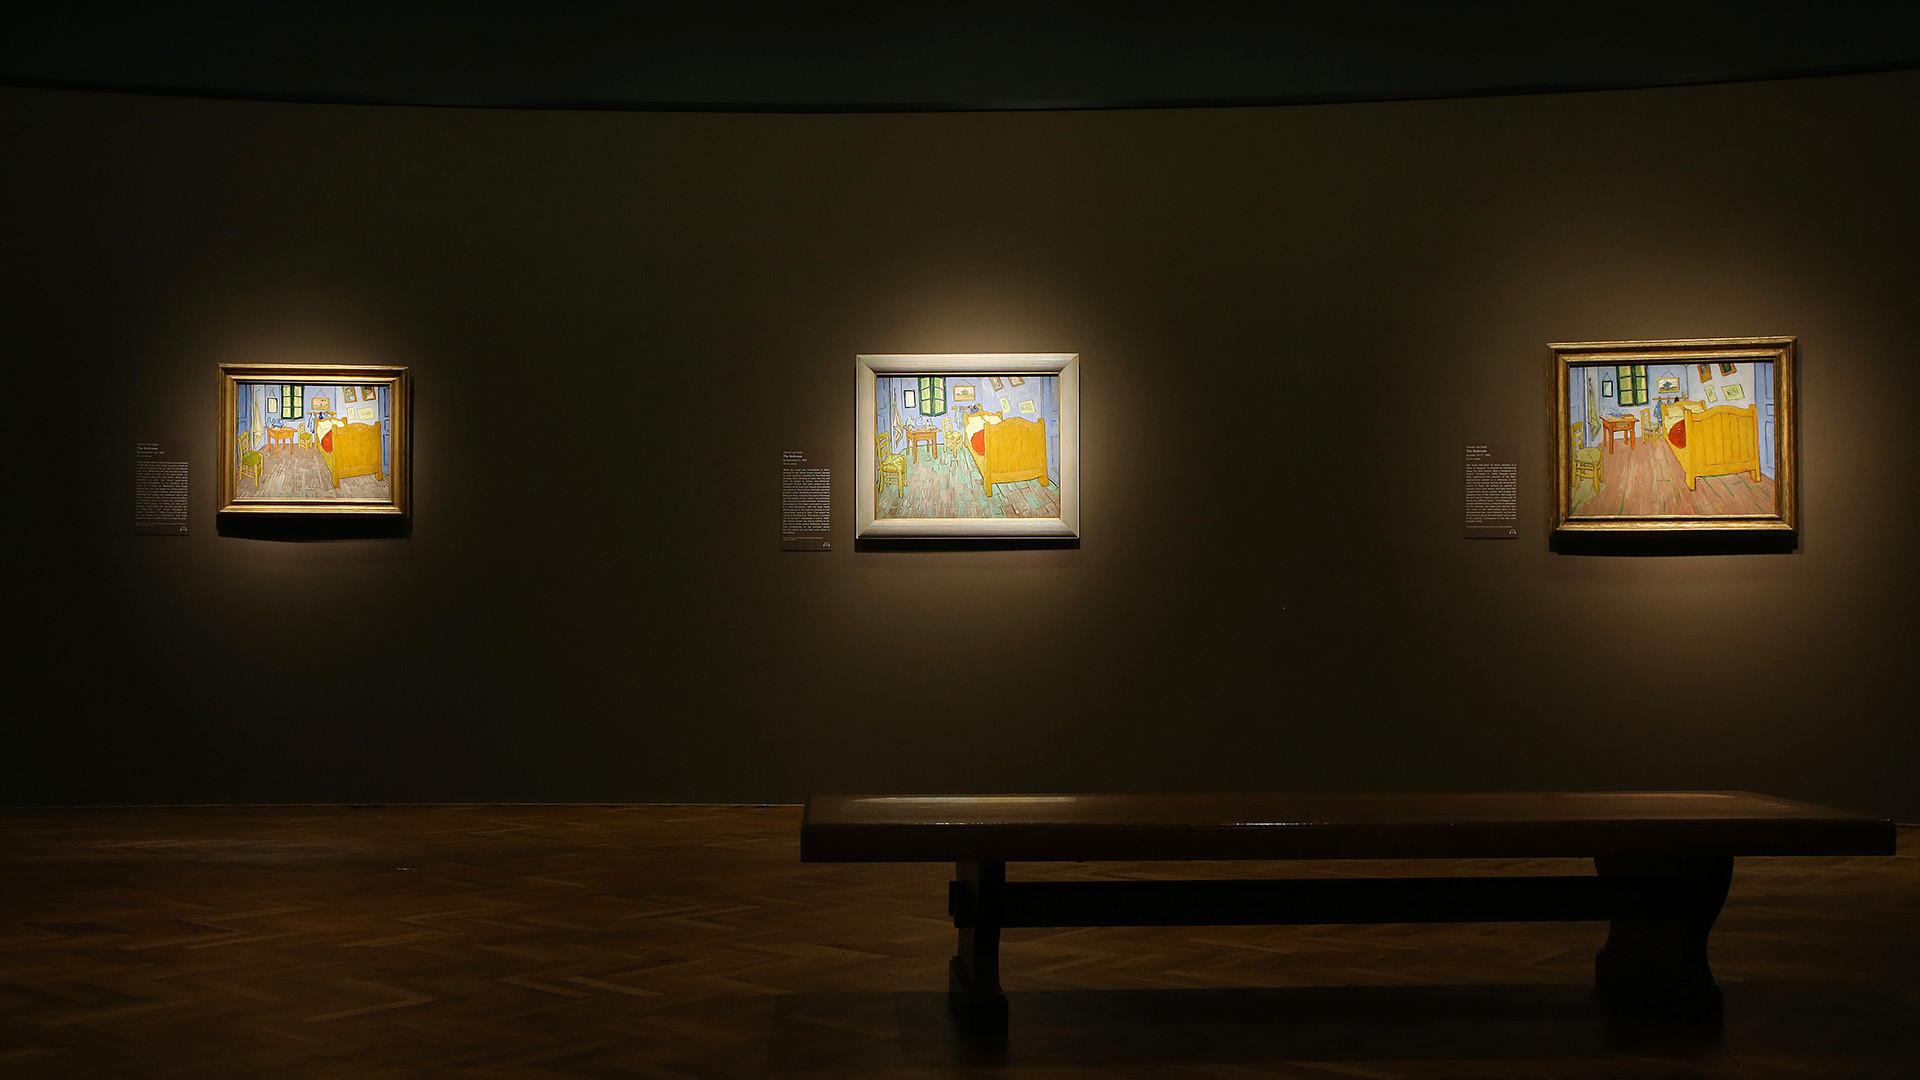 Van Gogh S Bedrooms At Art Institute Show Artist S Quest